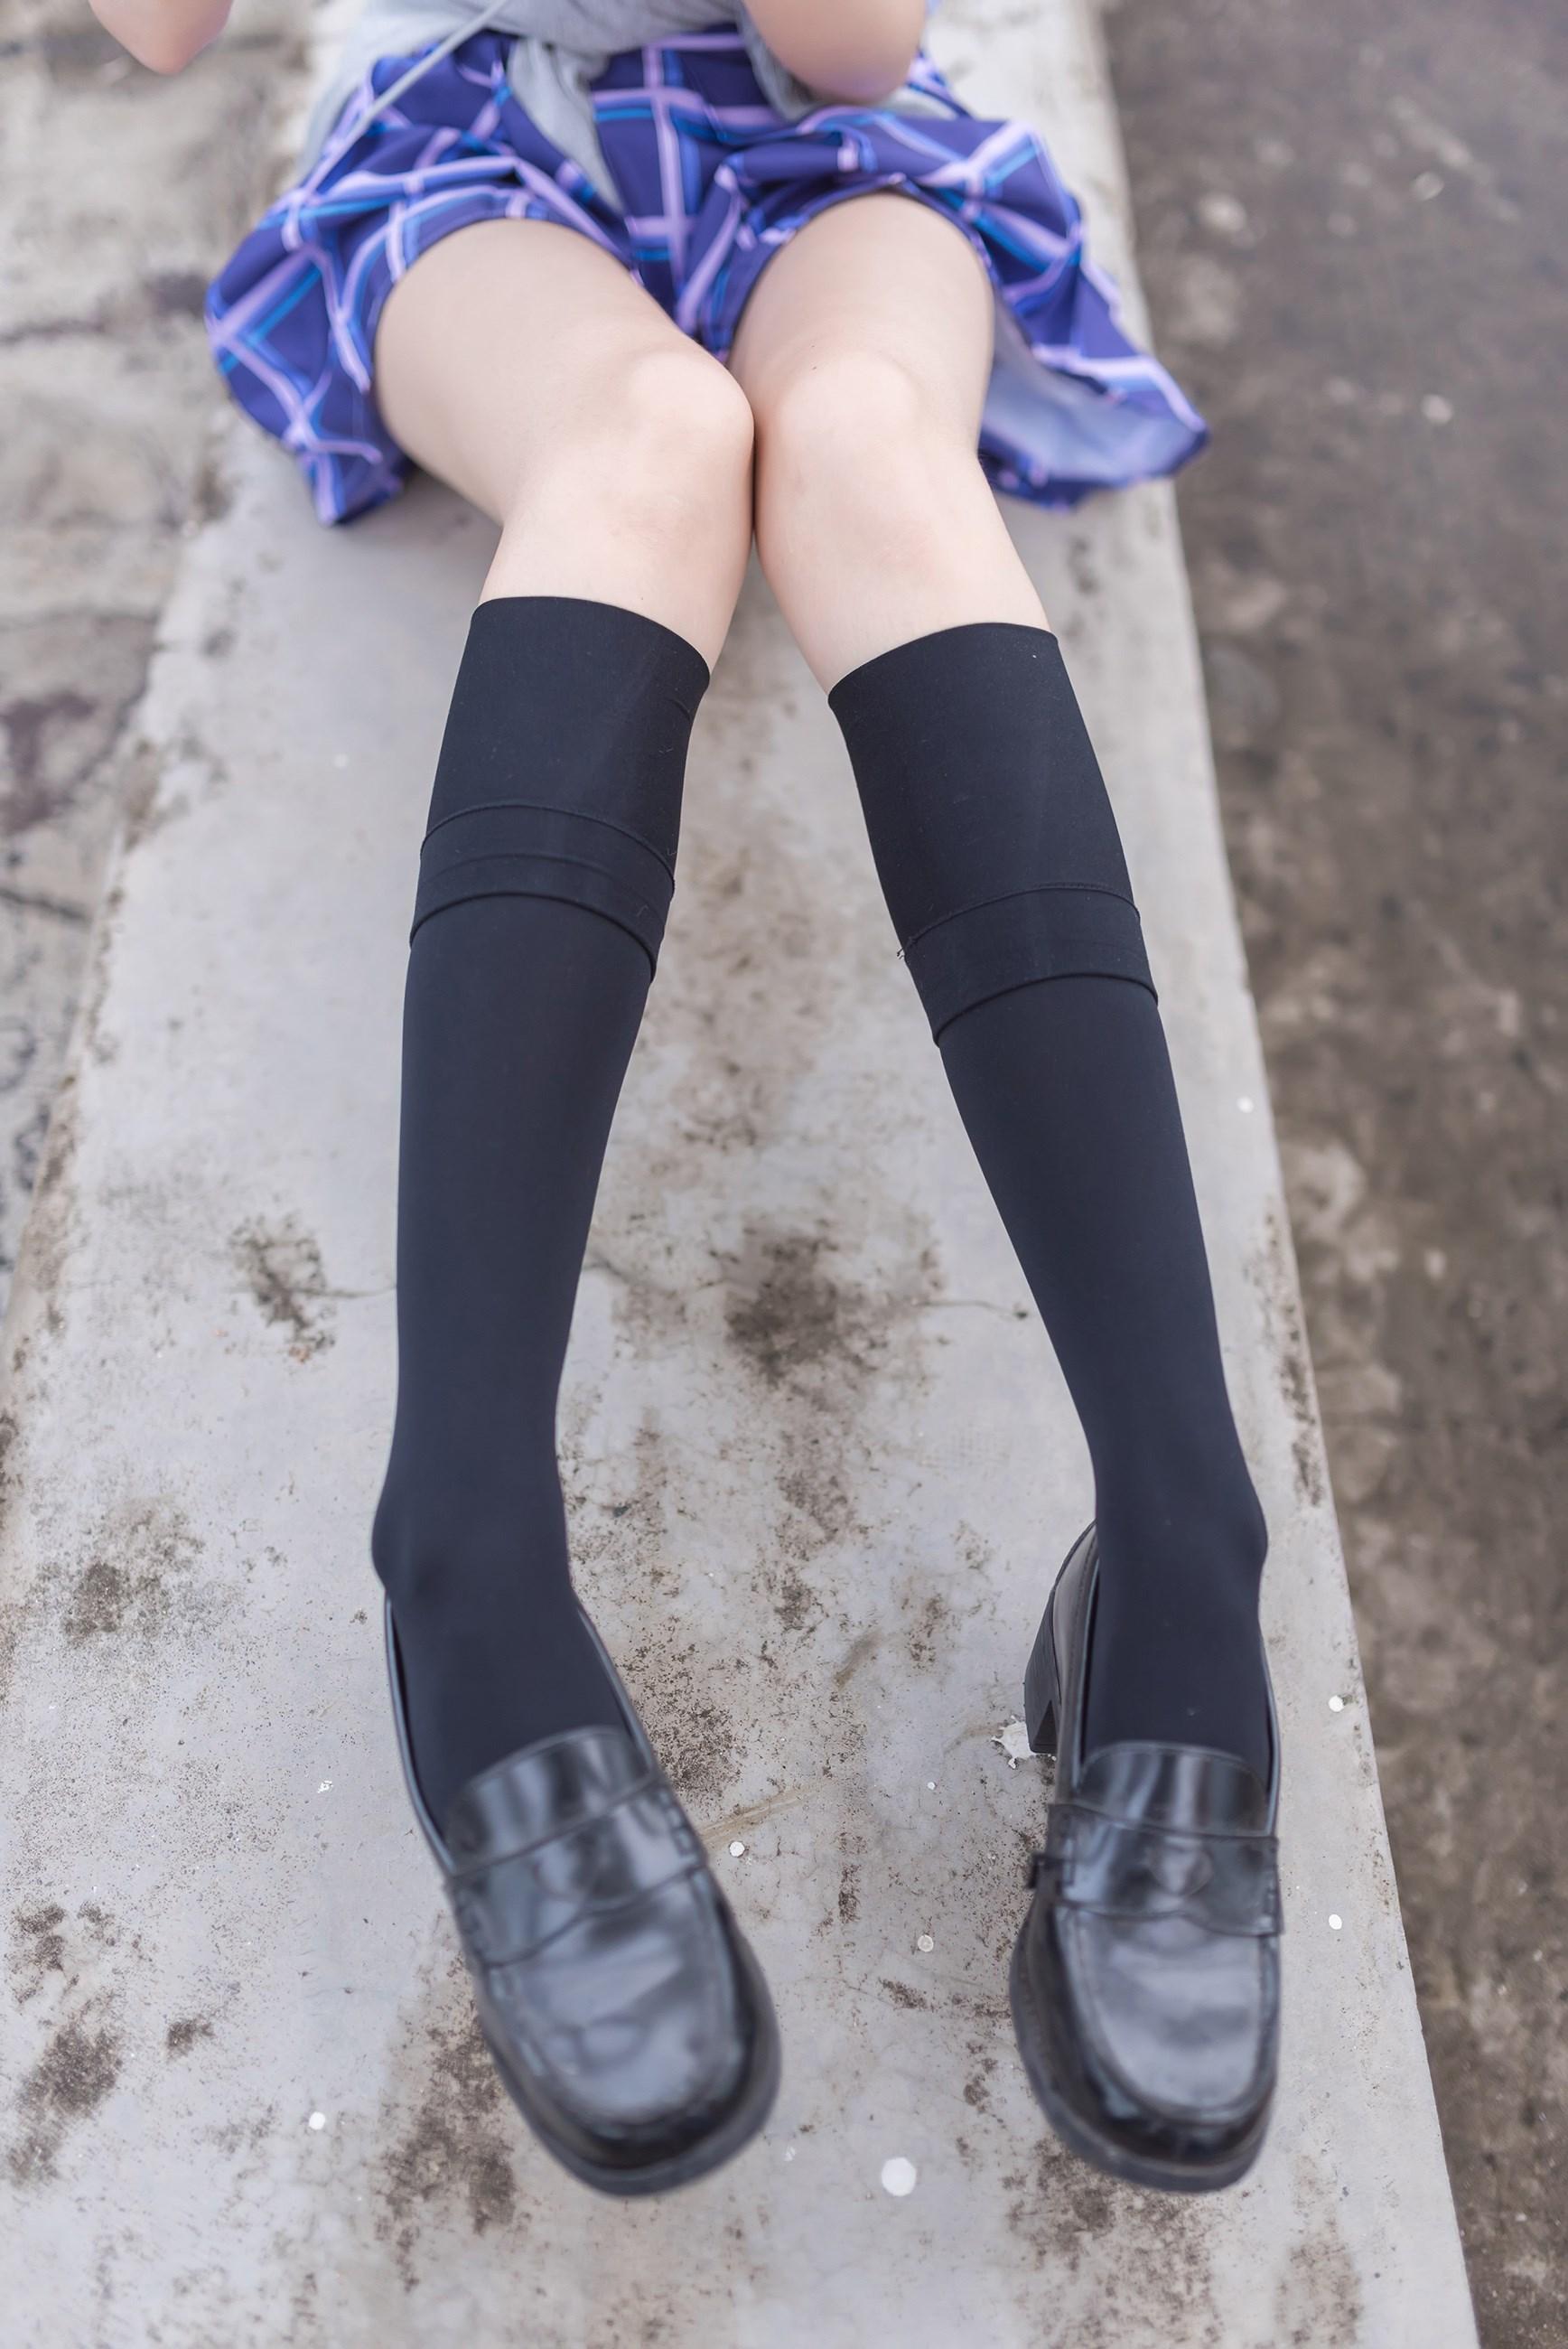 【兔玩映画】天台的蓝裙少女 兔玩映画 第26张